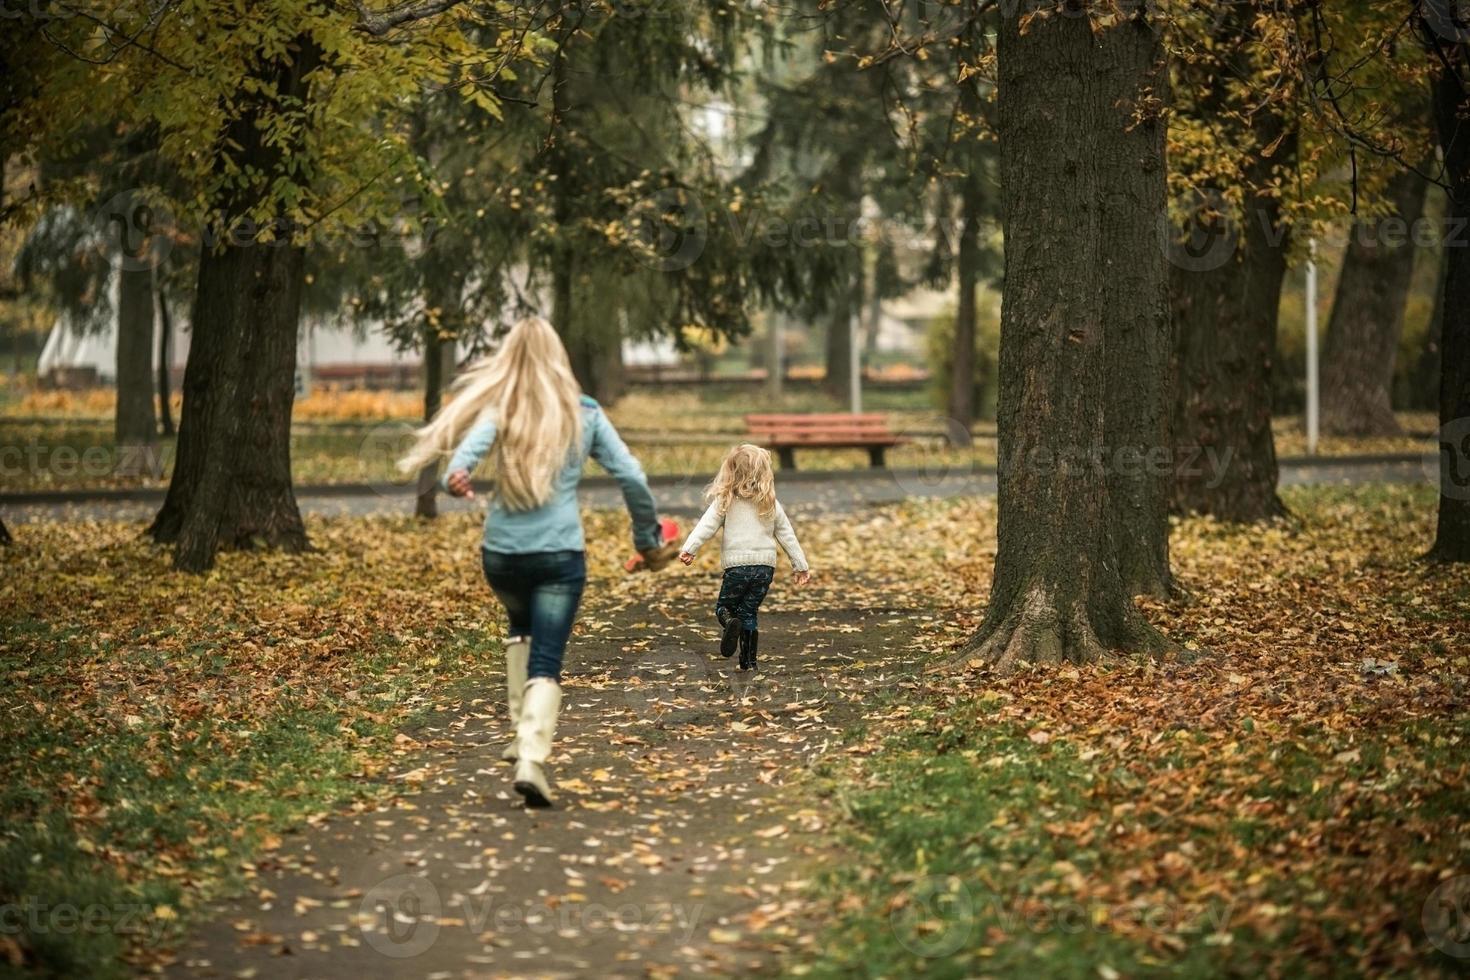 madre con hija en el parque otoño foto